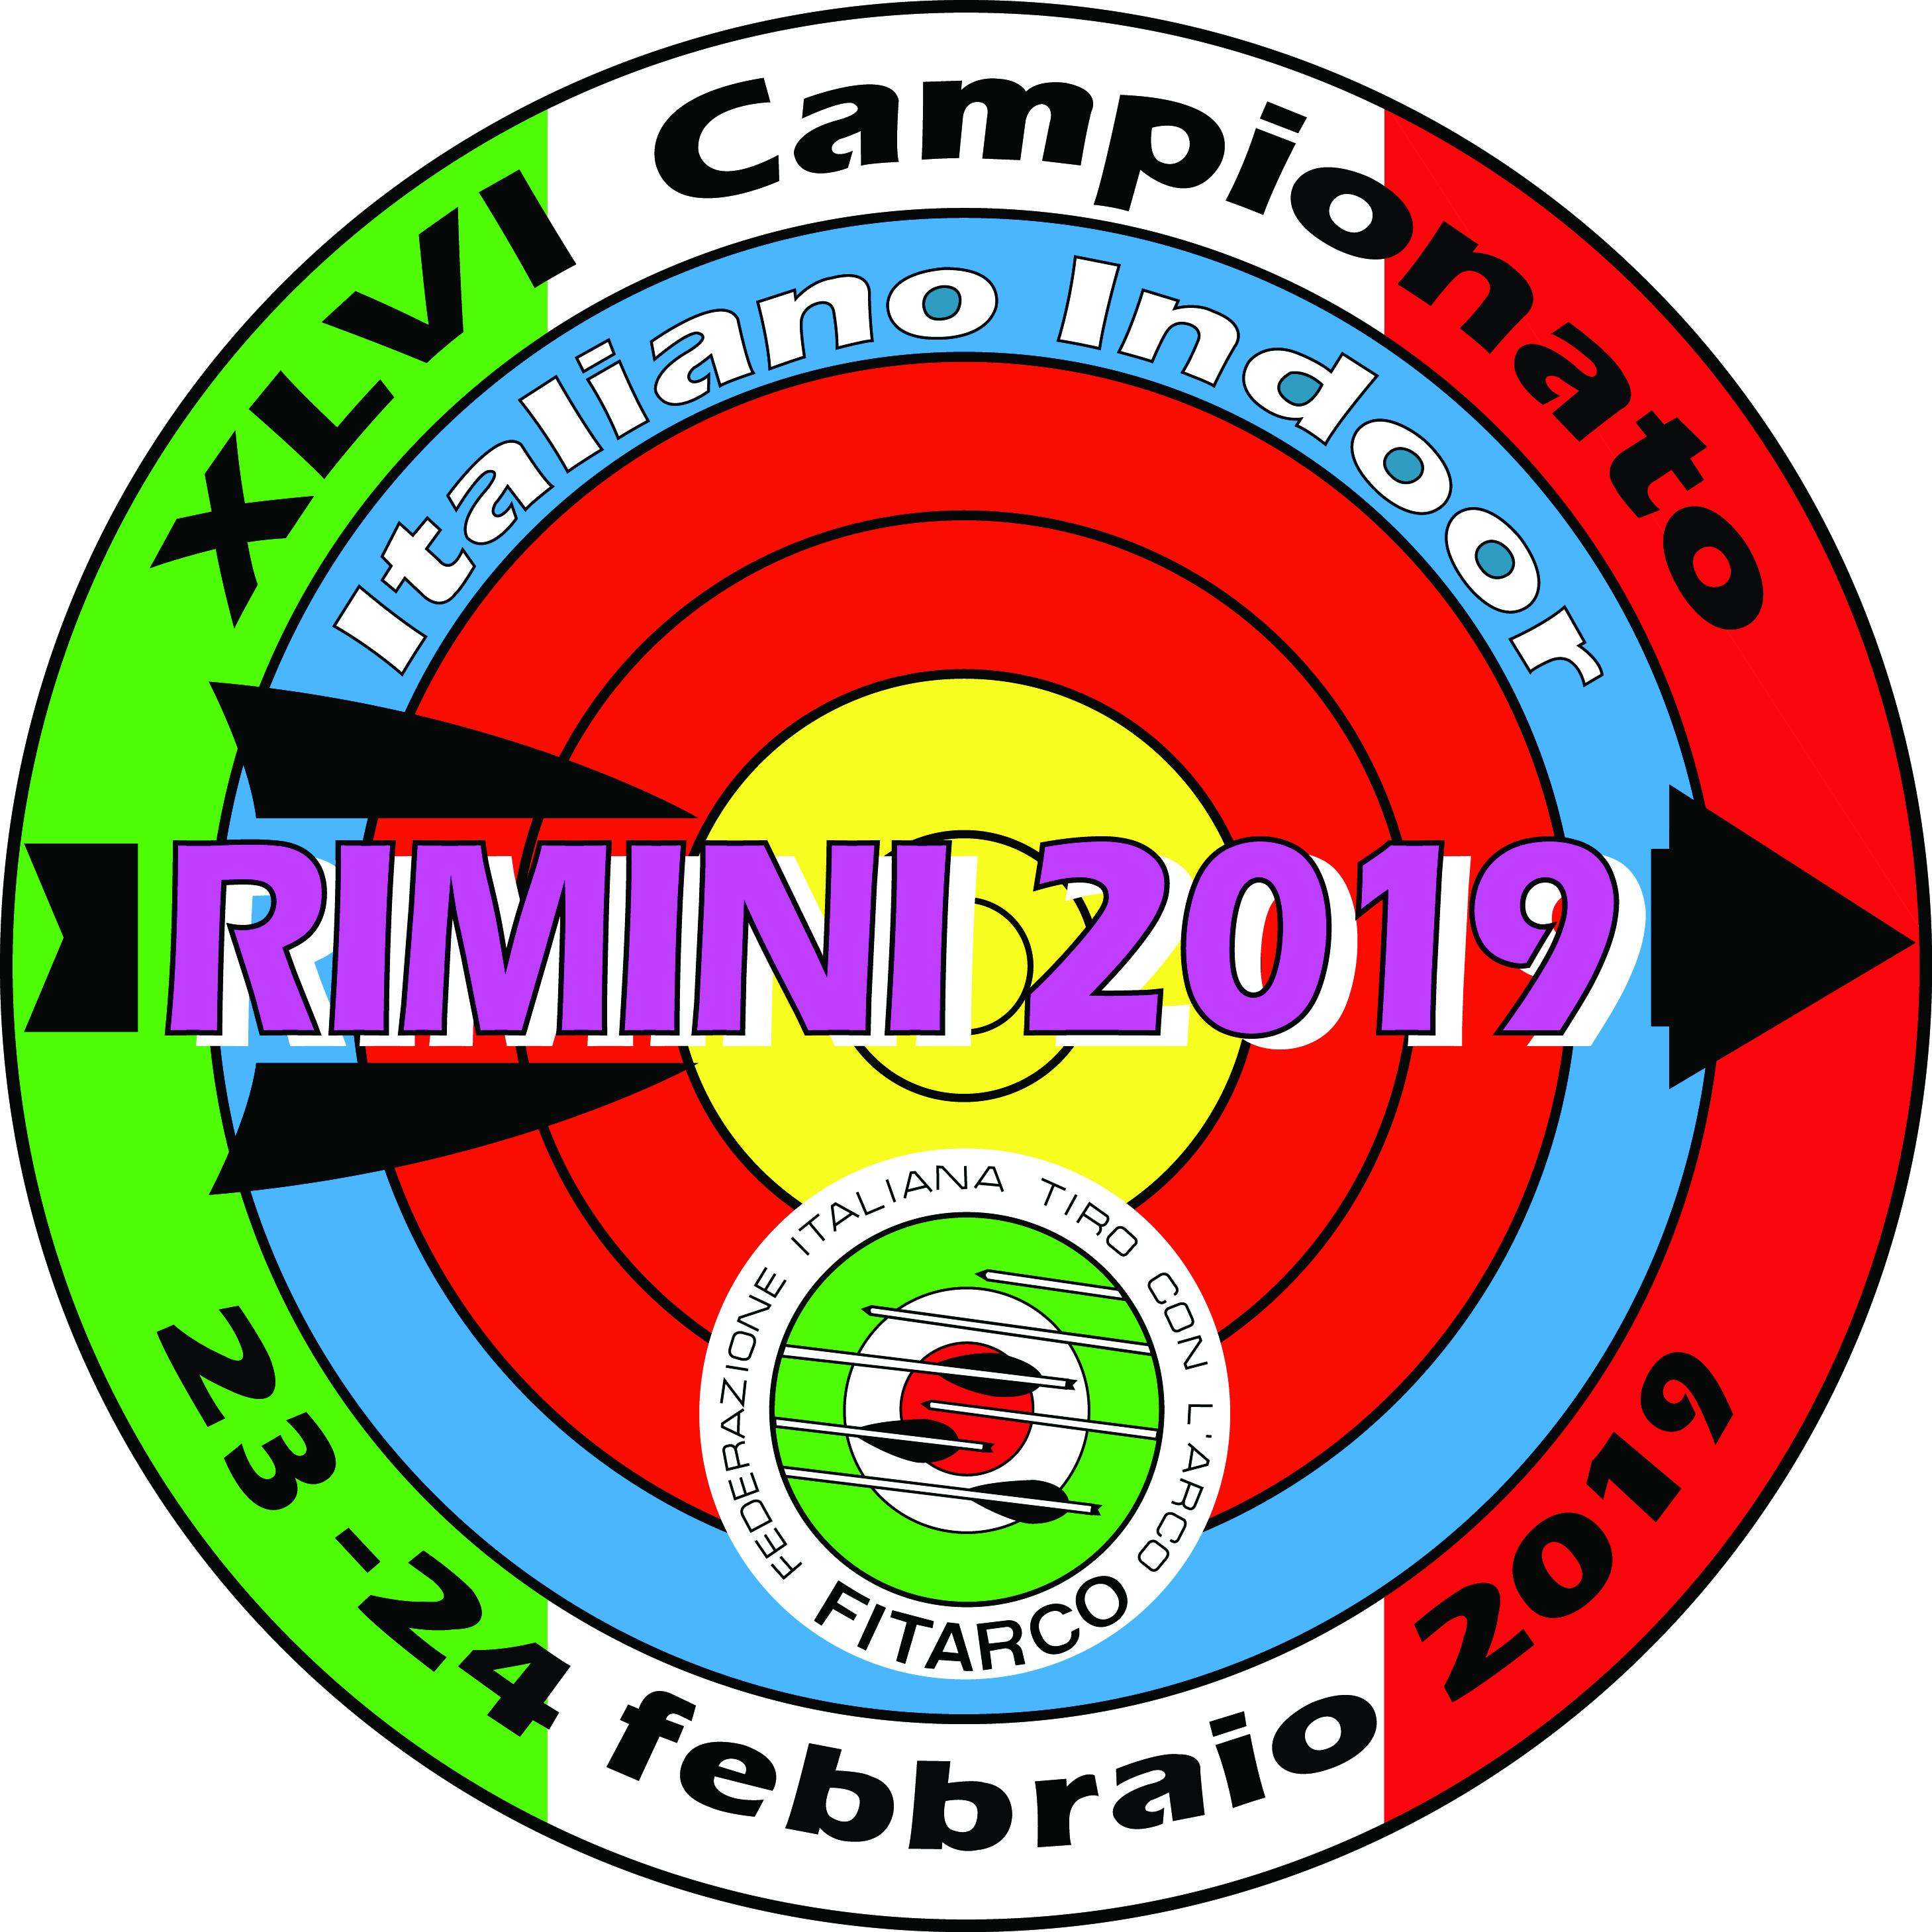 Fitarco Italia Org Gare Calendario.Fitarco Eventi